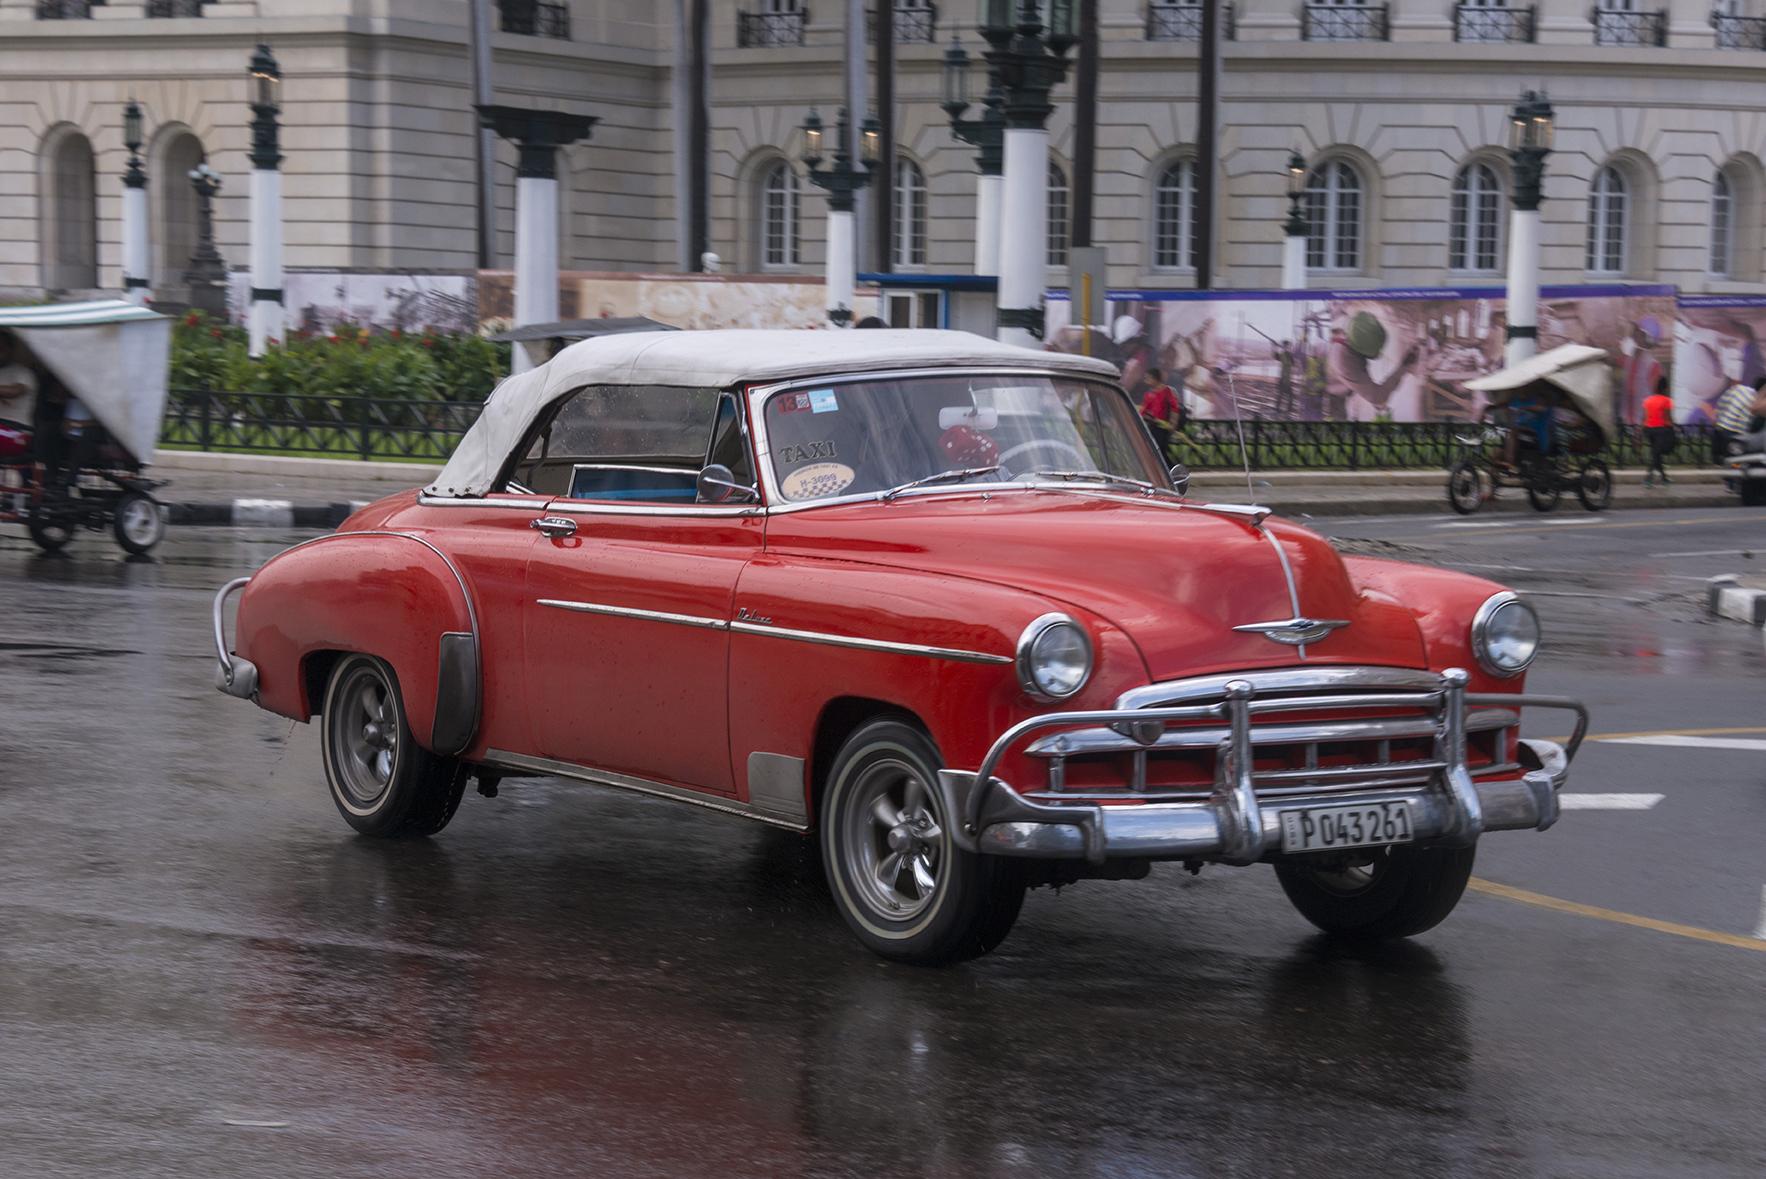 0136-LaHabana-Cuba